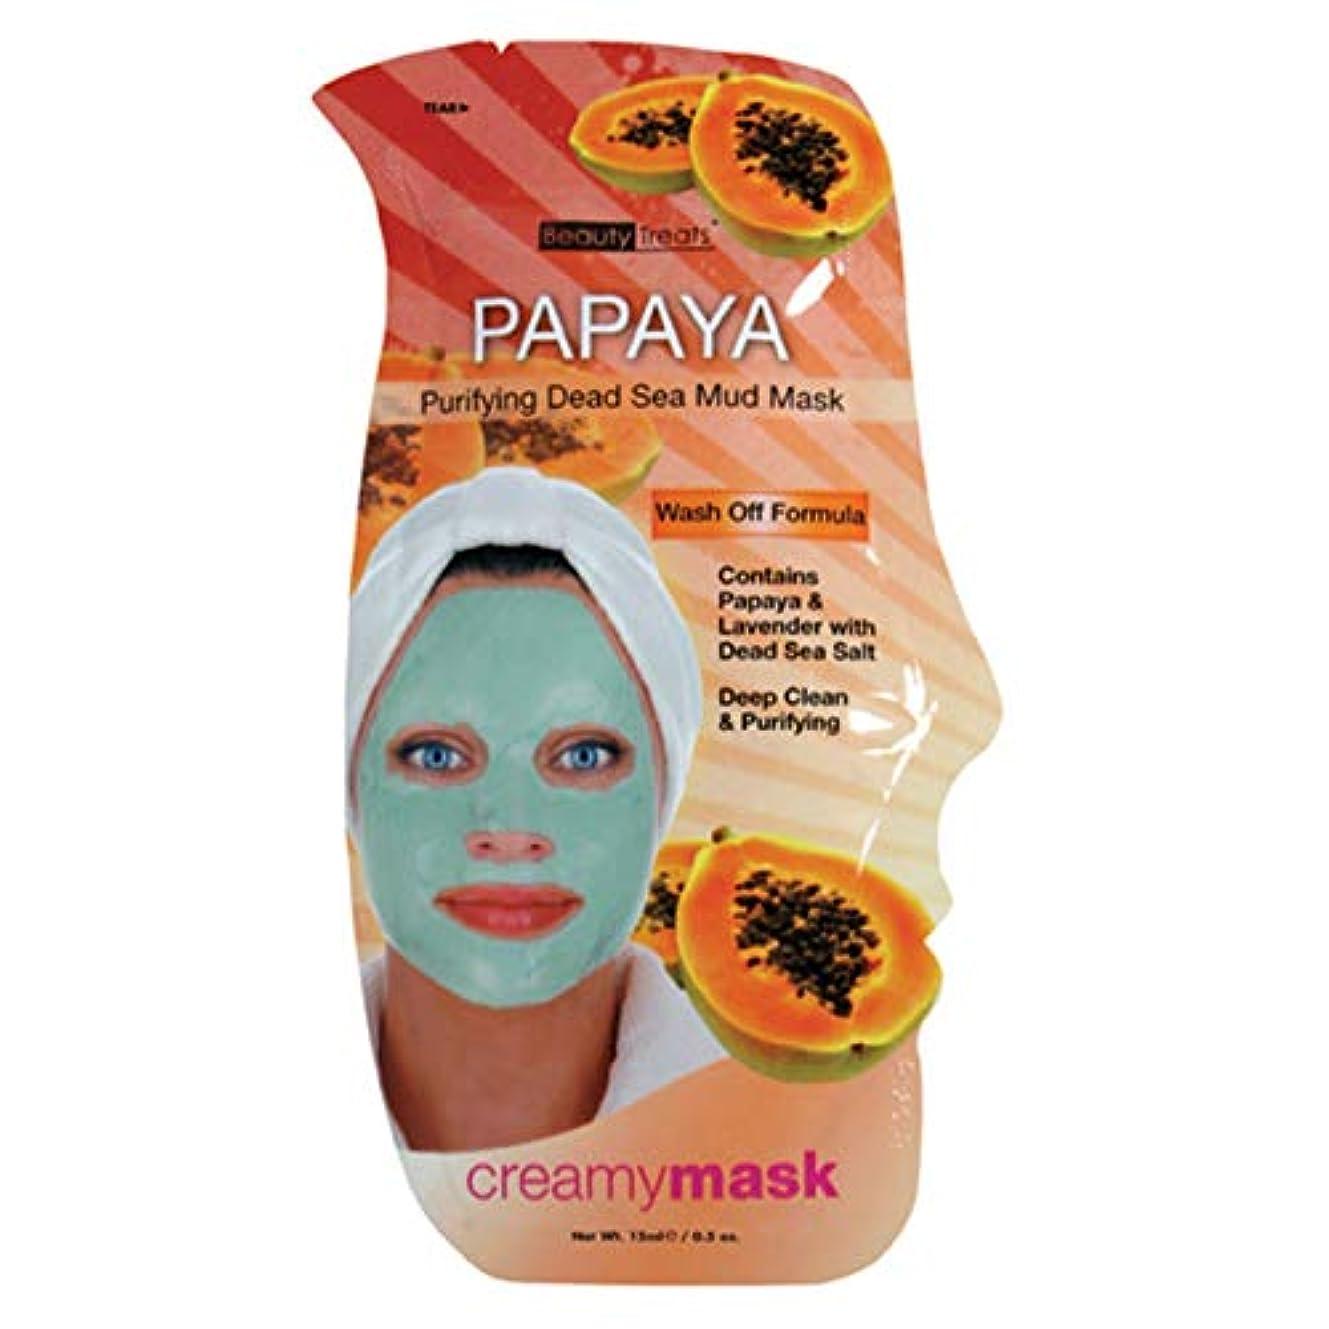 マルクス主義者接尾辞役割BEAUTY TREATS Papaya Purifying Dead Sea Mud Mask - Papaya (並行輸入品)